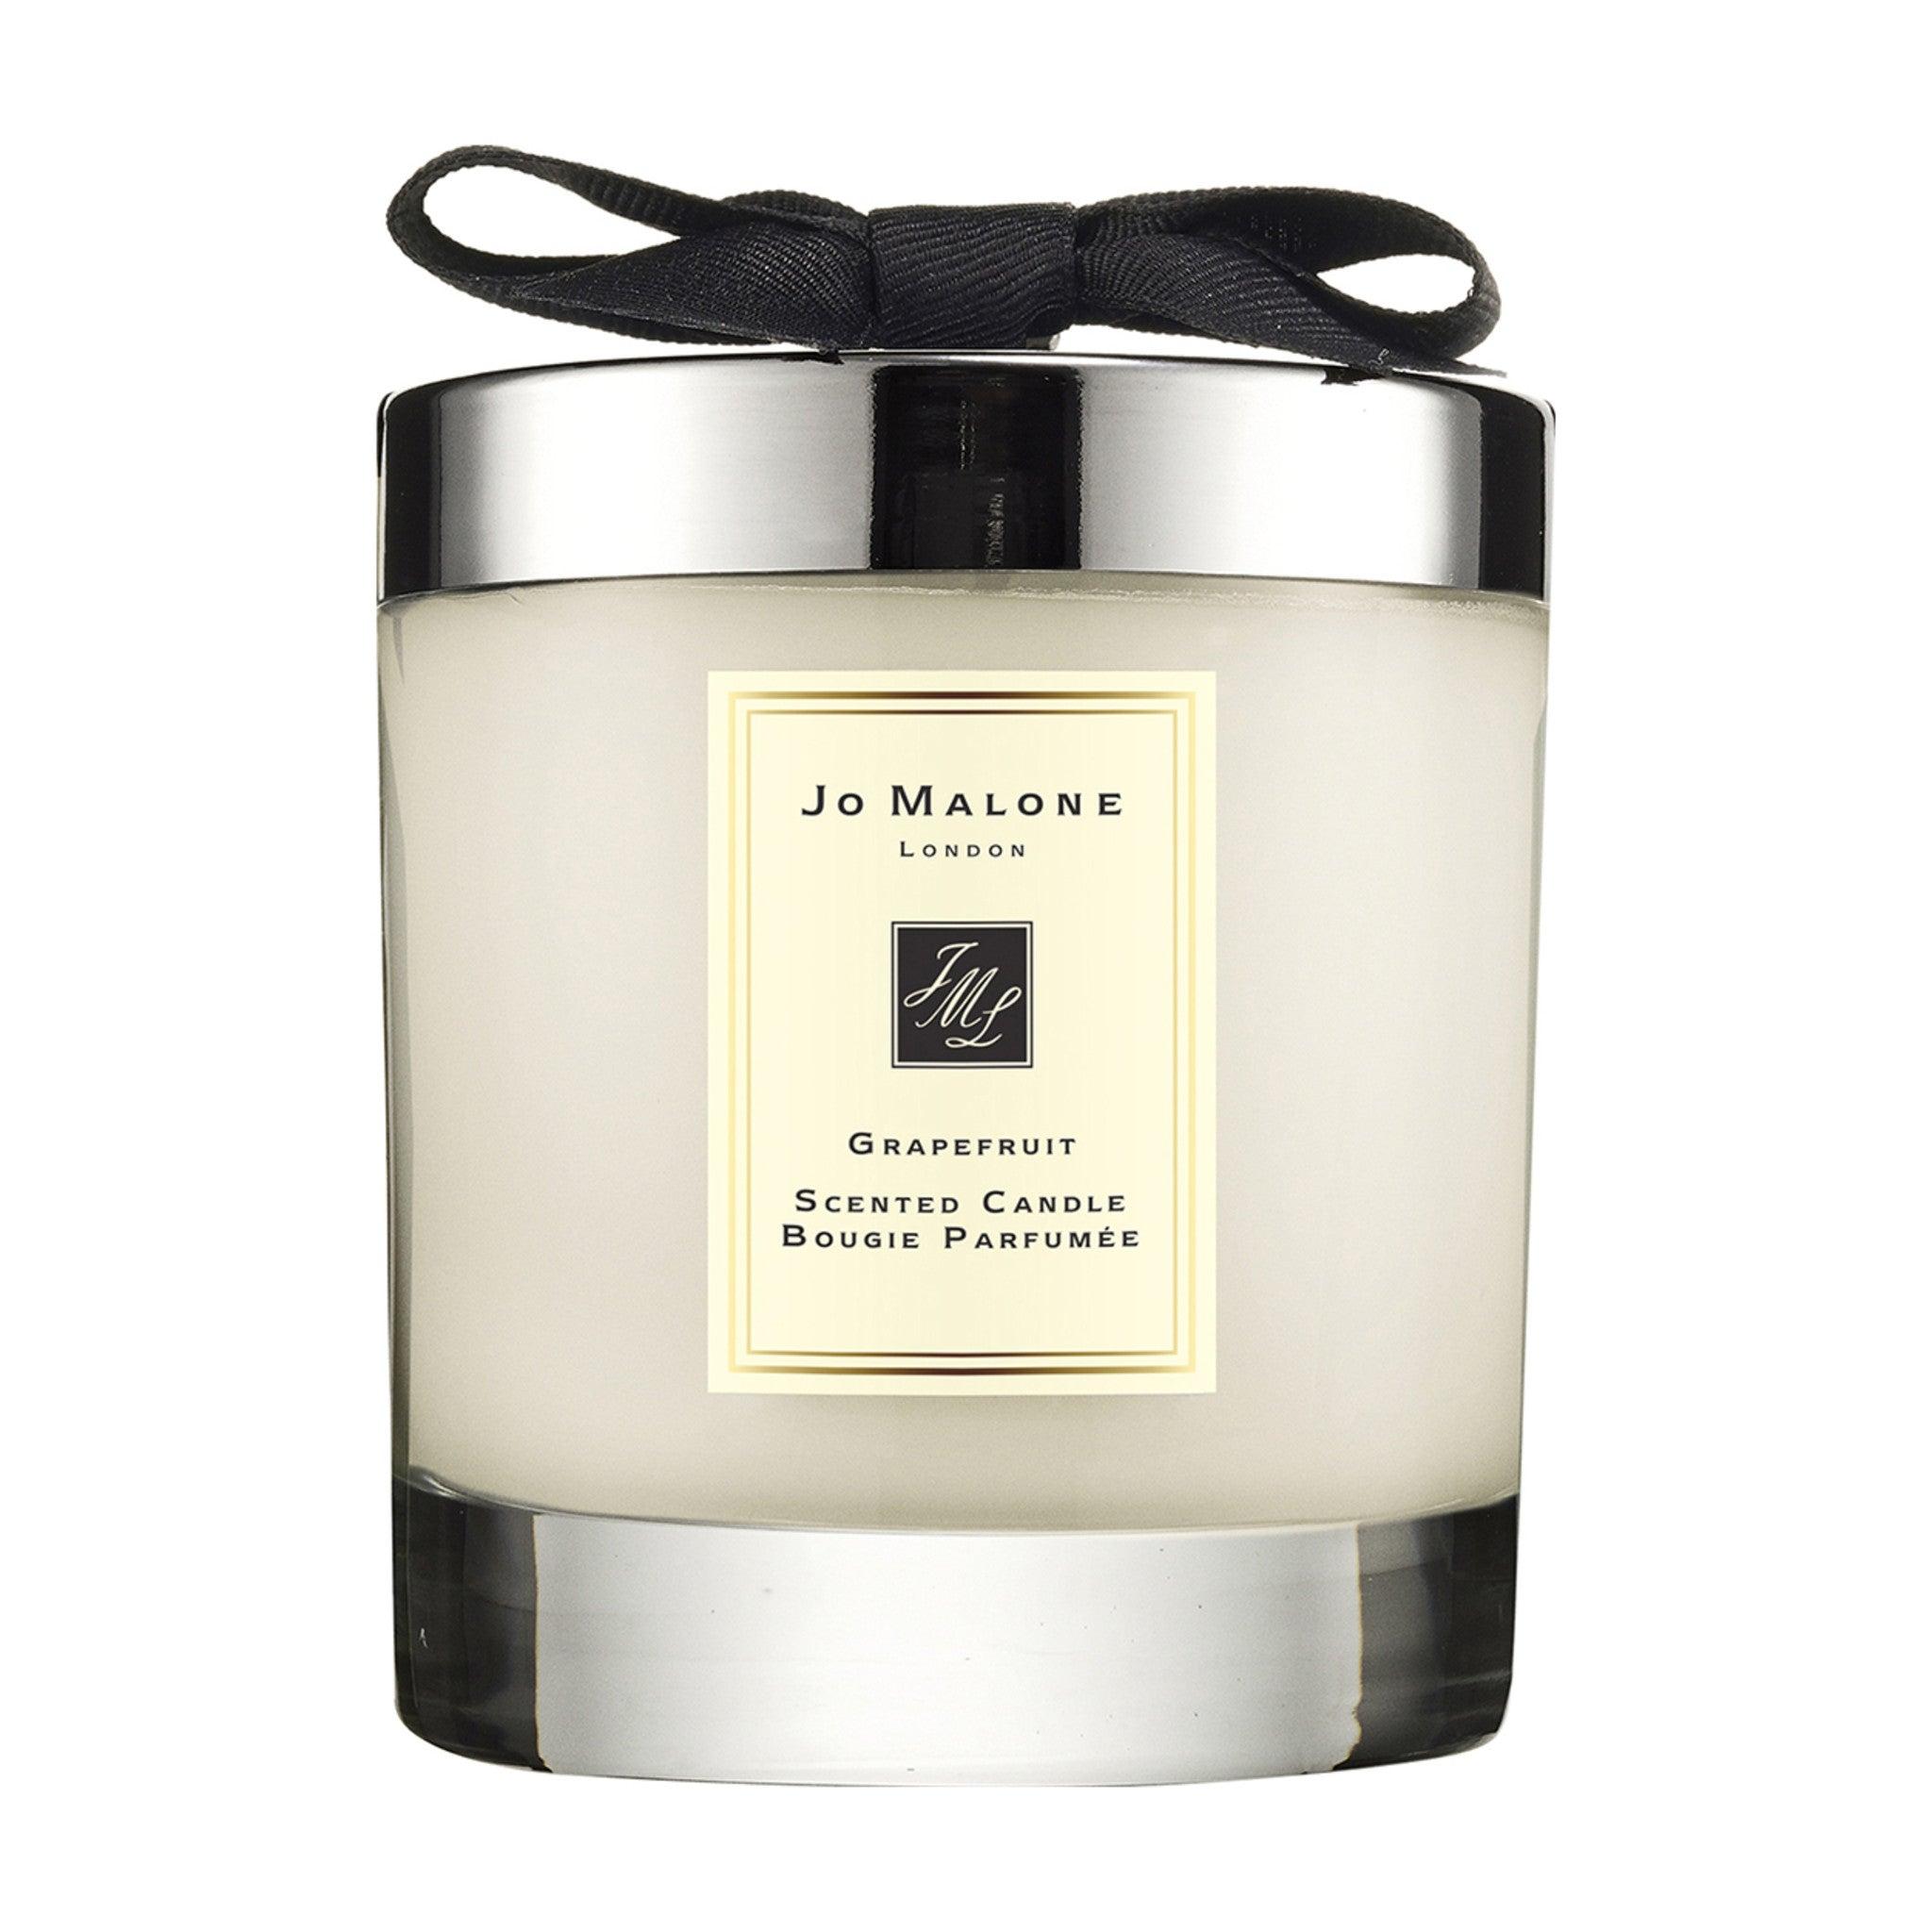 Jo Malone London Grapefruit Home Candle